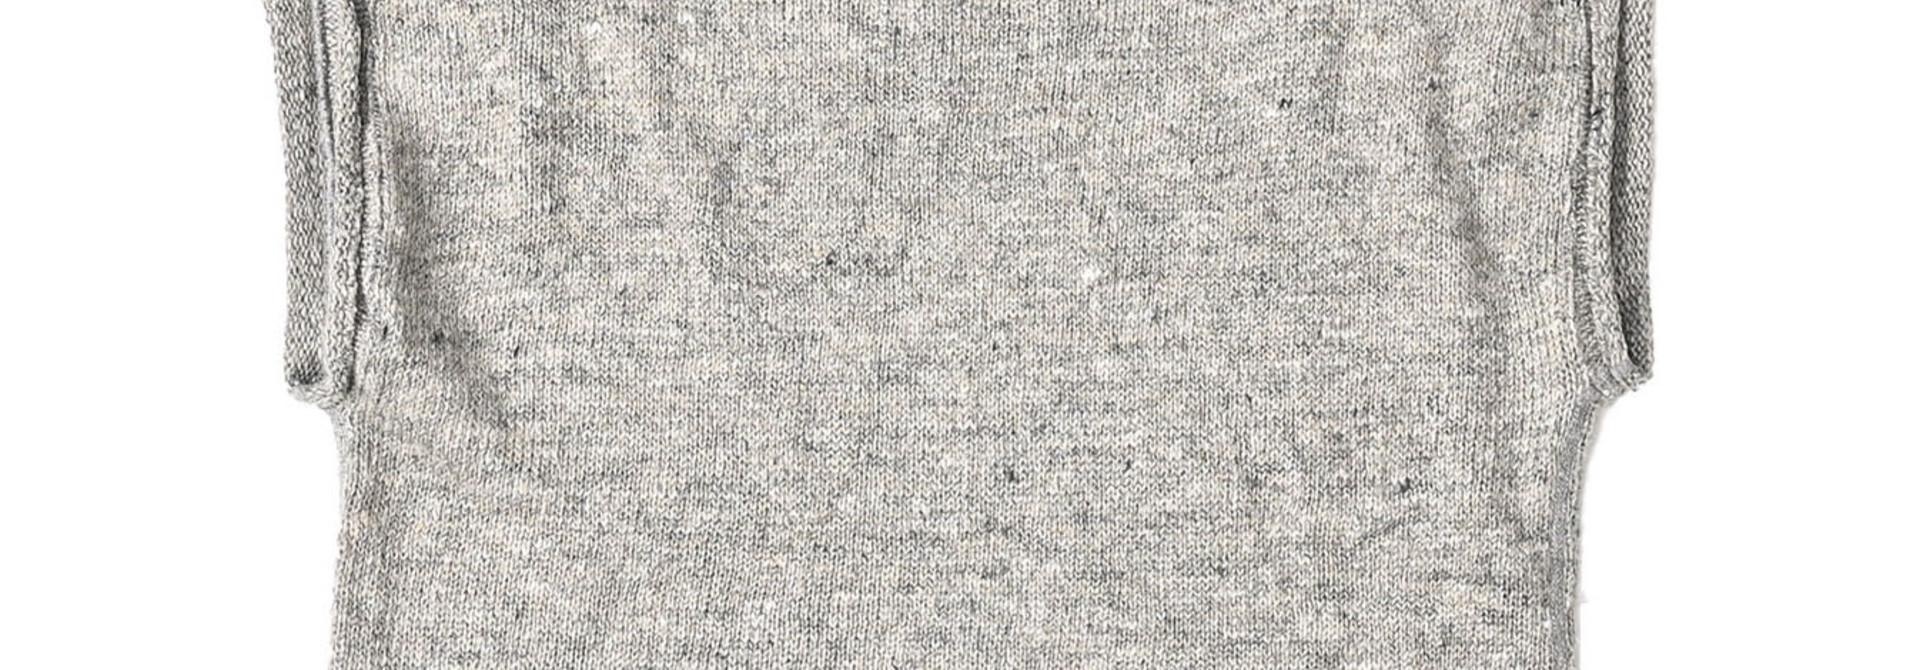 WH Linen Tweed Umahiko 908 Vest (0321)